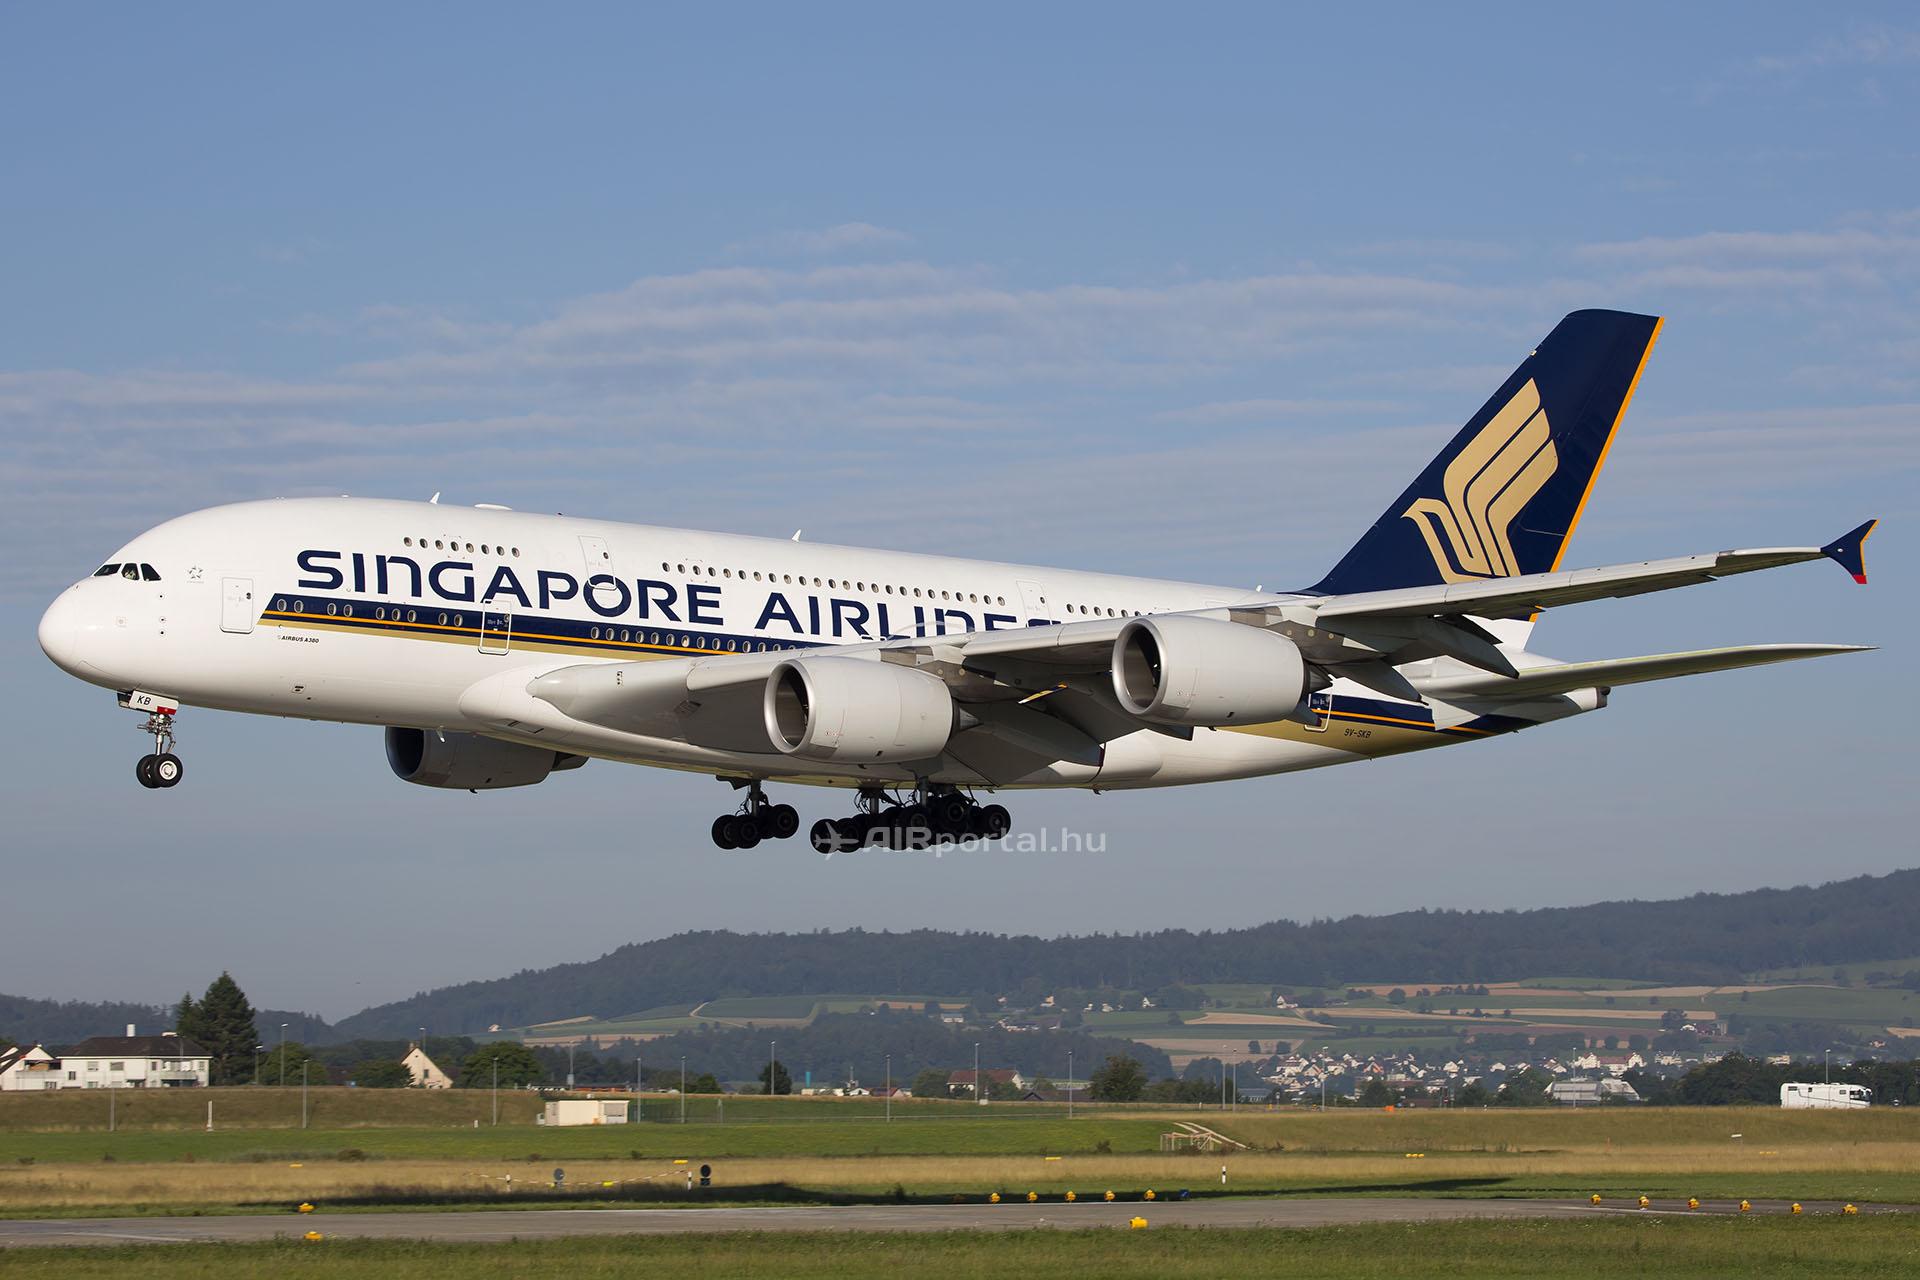 Négy távozik, három új A380-as érkezik a szingapúri légitársasághoz (Fotó: AIRportal.hu | © AIRportal.hu